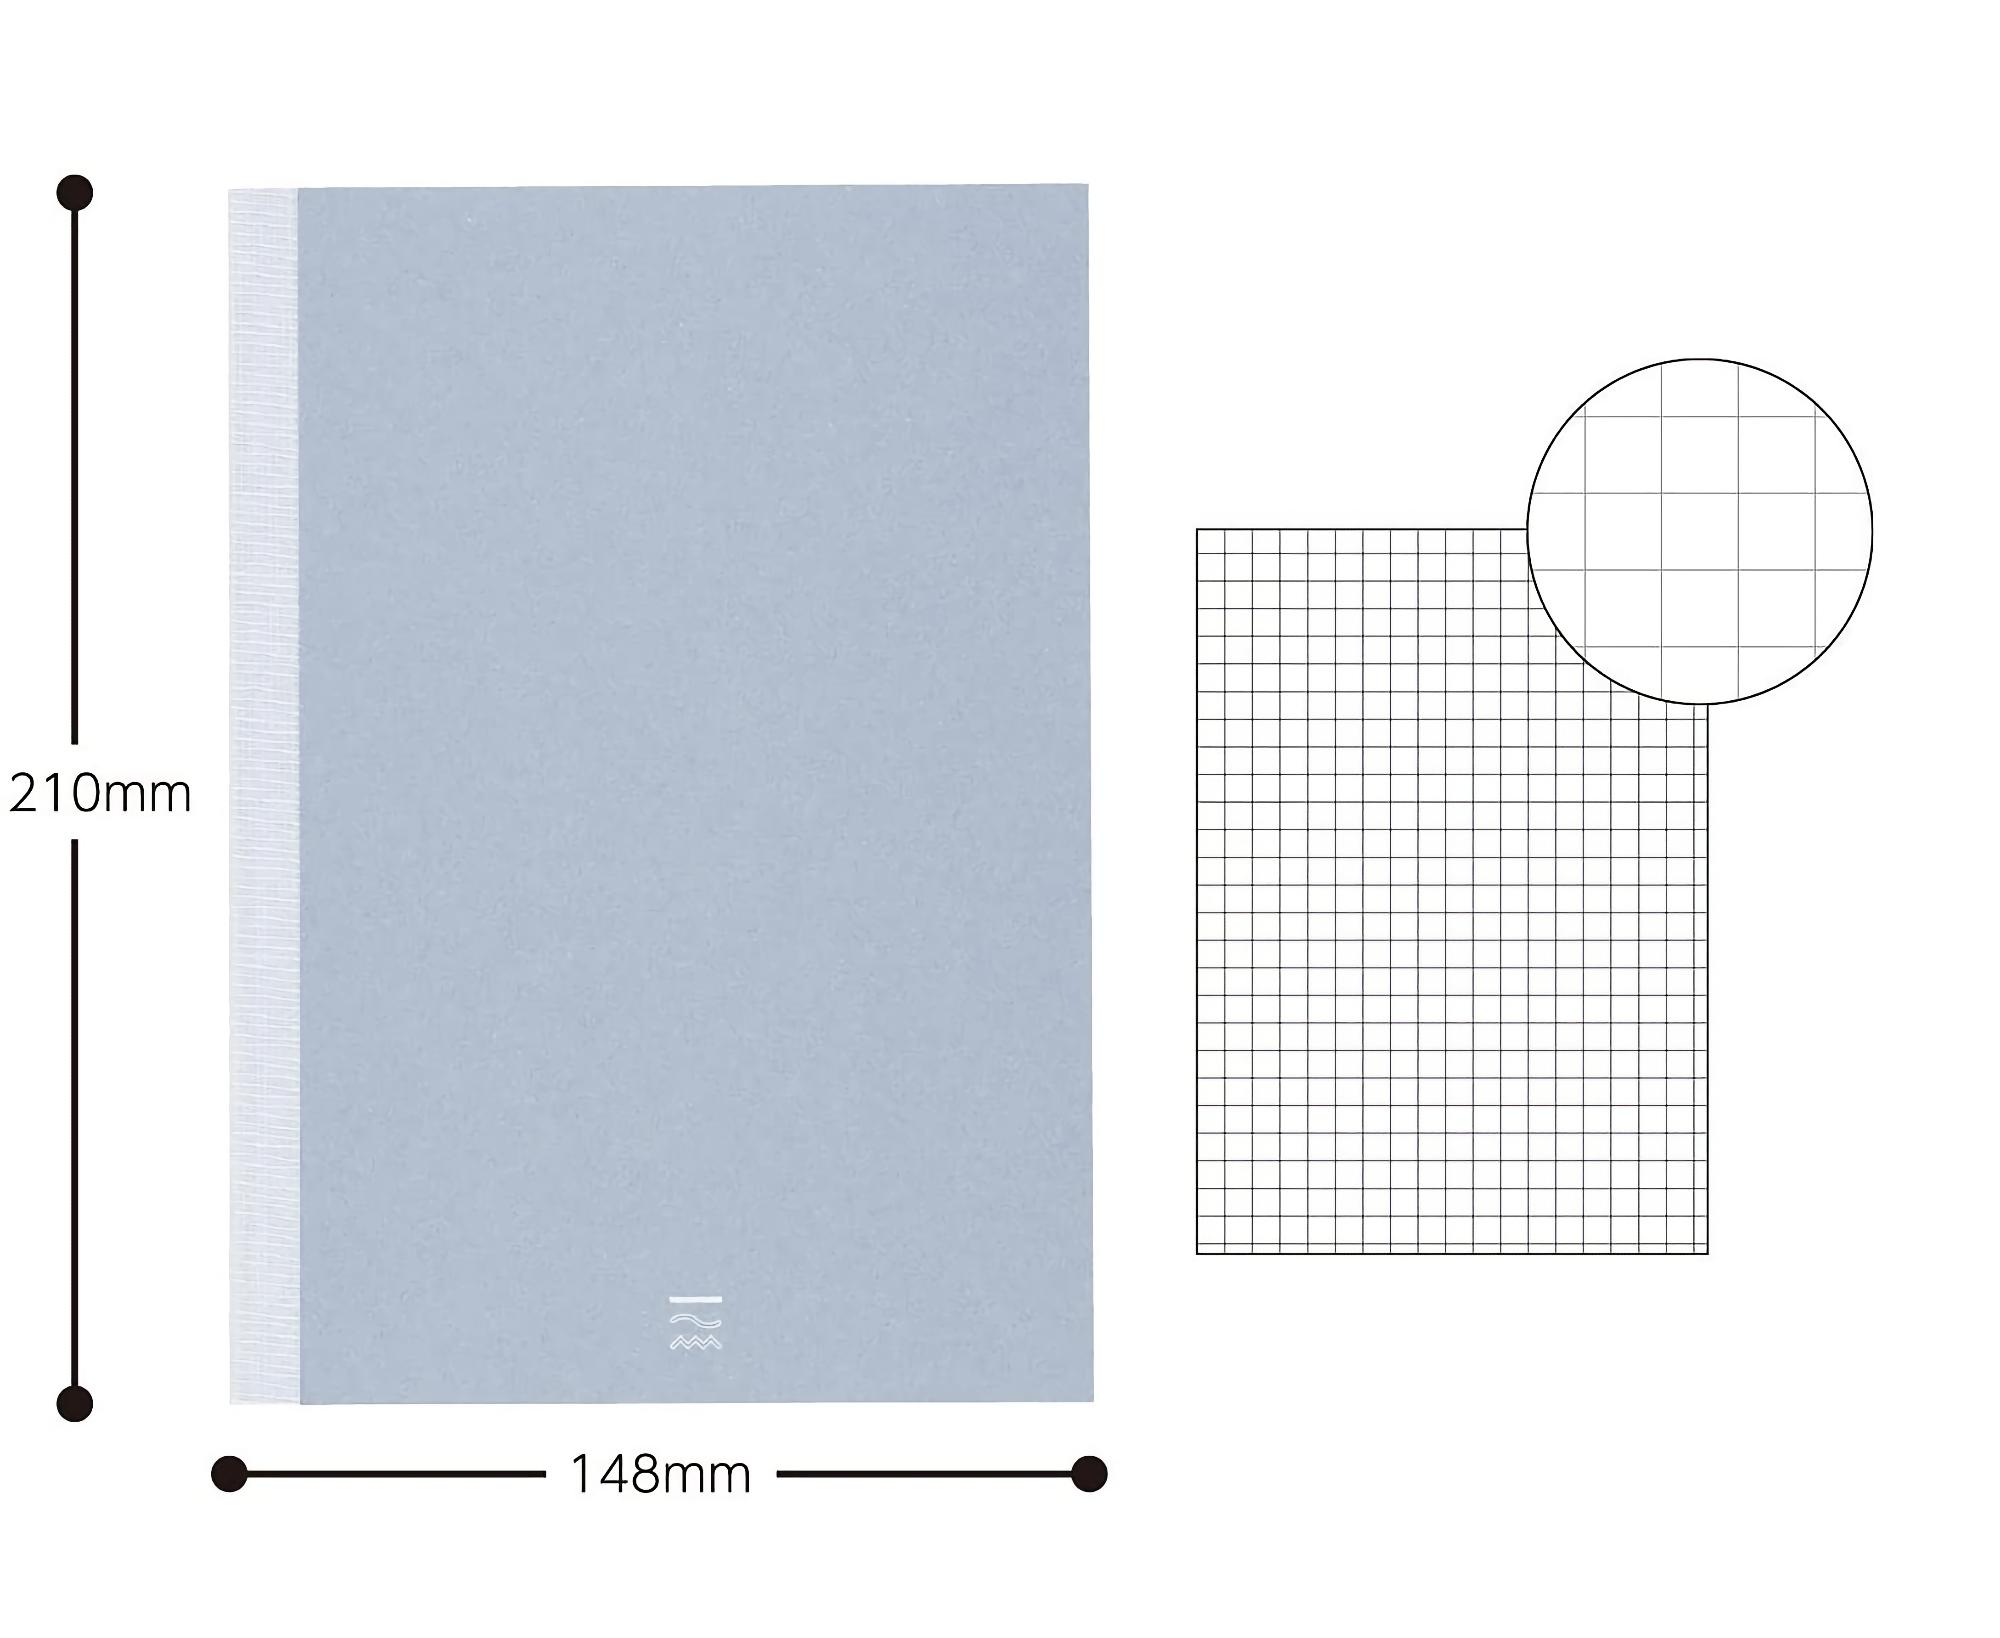 Kokuyo PERPANEP Notebook - Tsuru Tsuru A5 4 mm Rutad